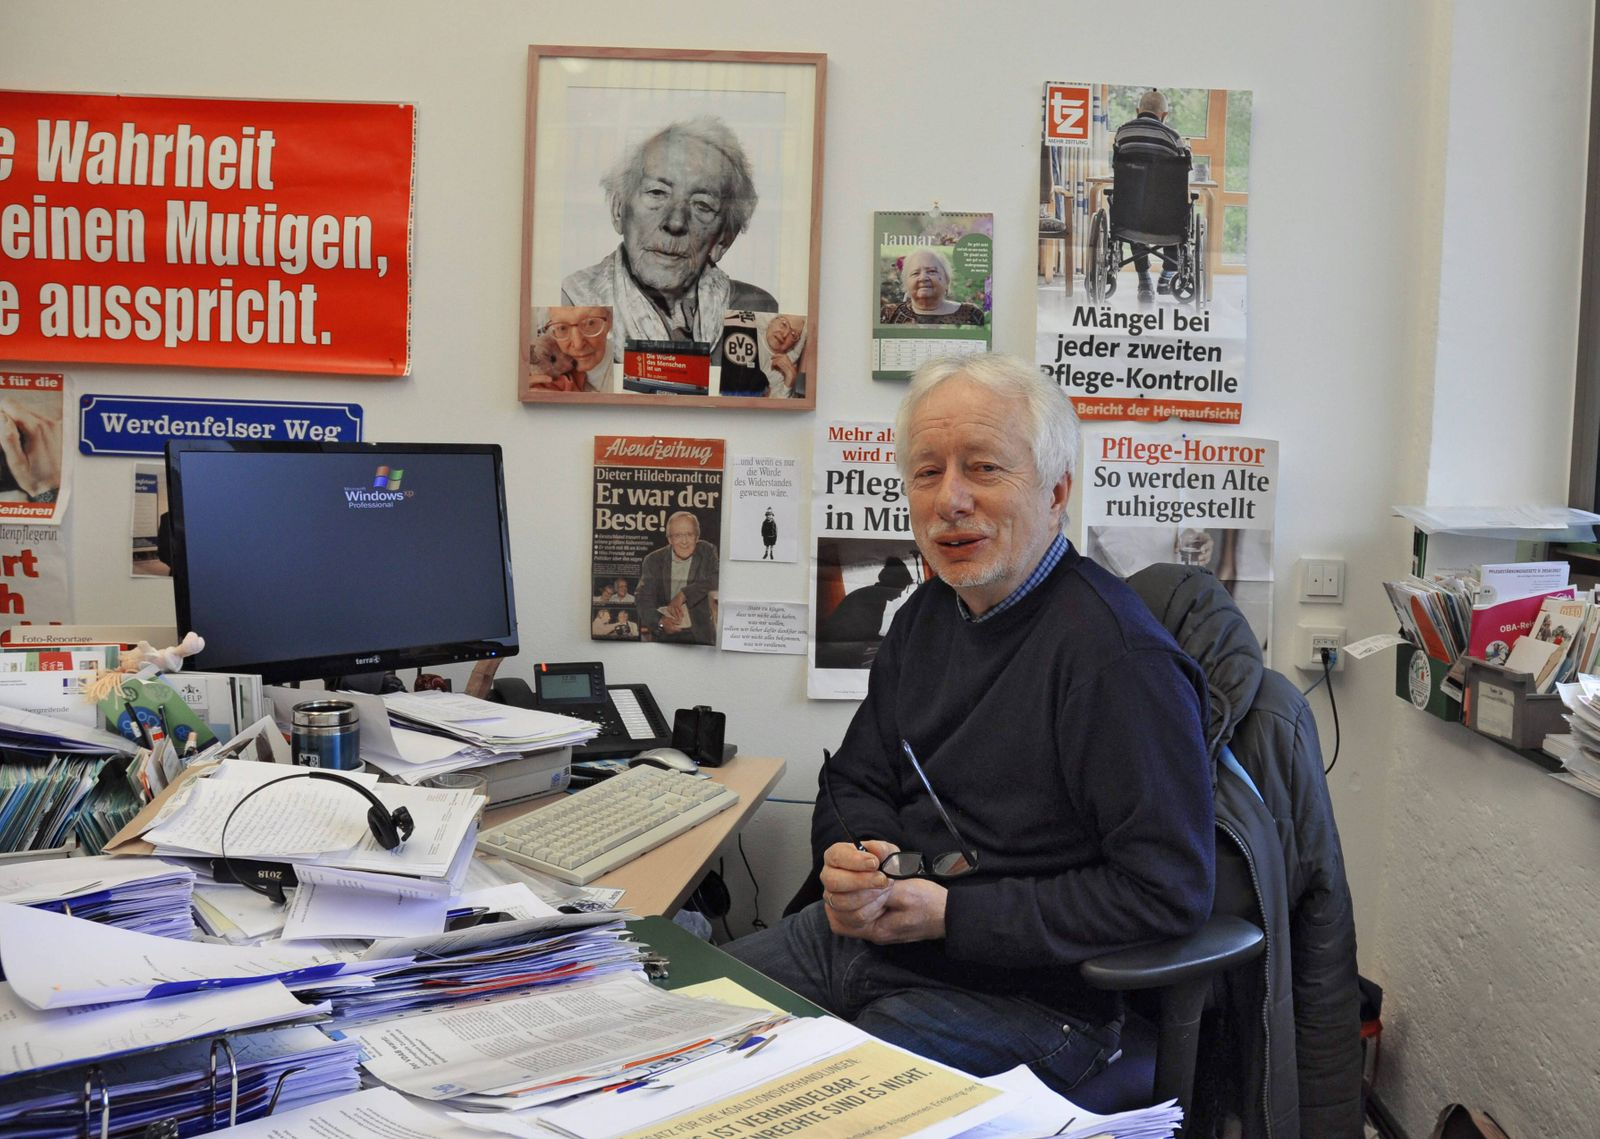 Der Sozialpaedagoge und Autor Claus Fussek in seinem Buero in Muenchen am 09 01 2018 Der prominente